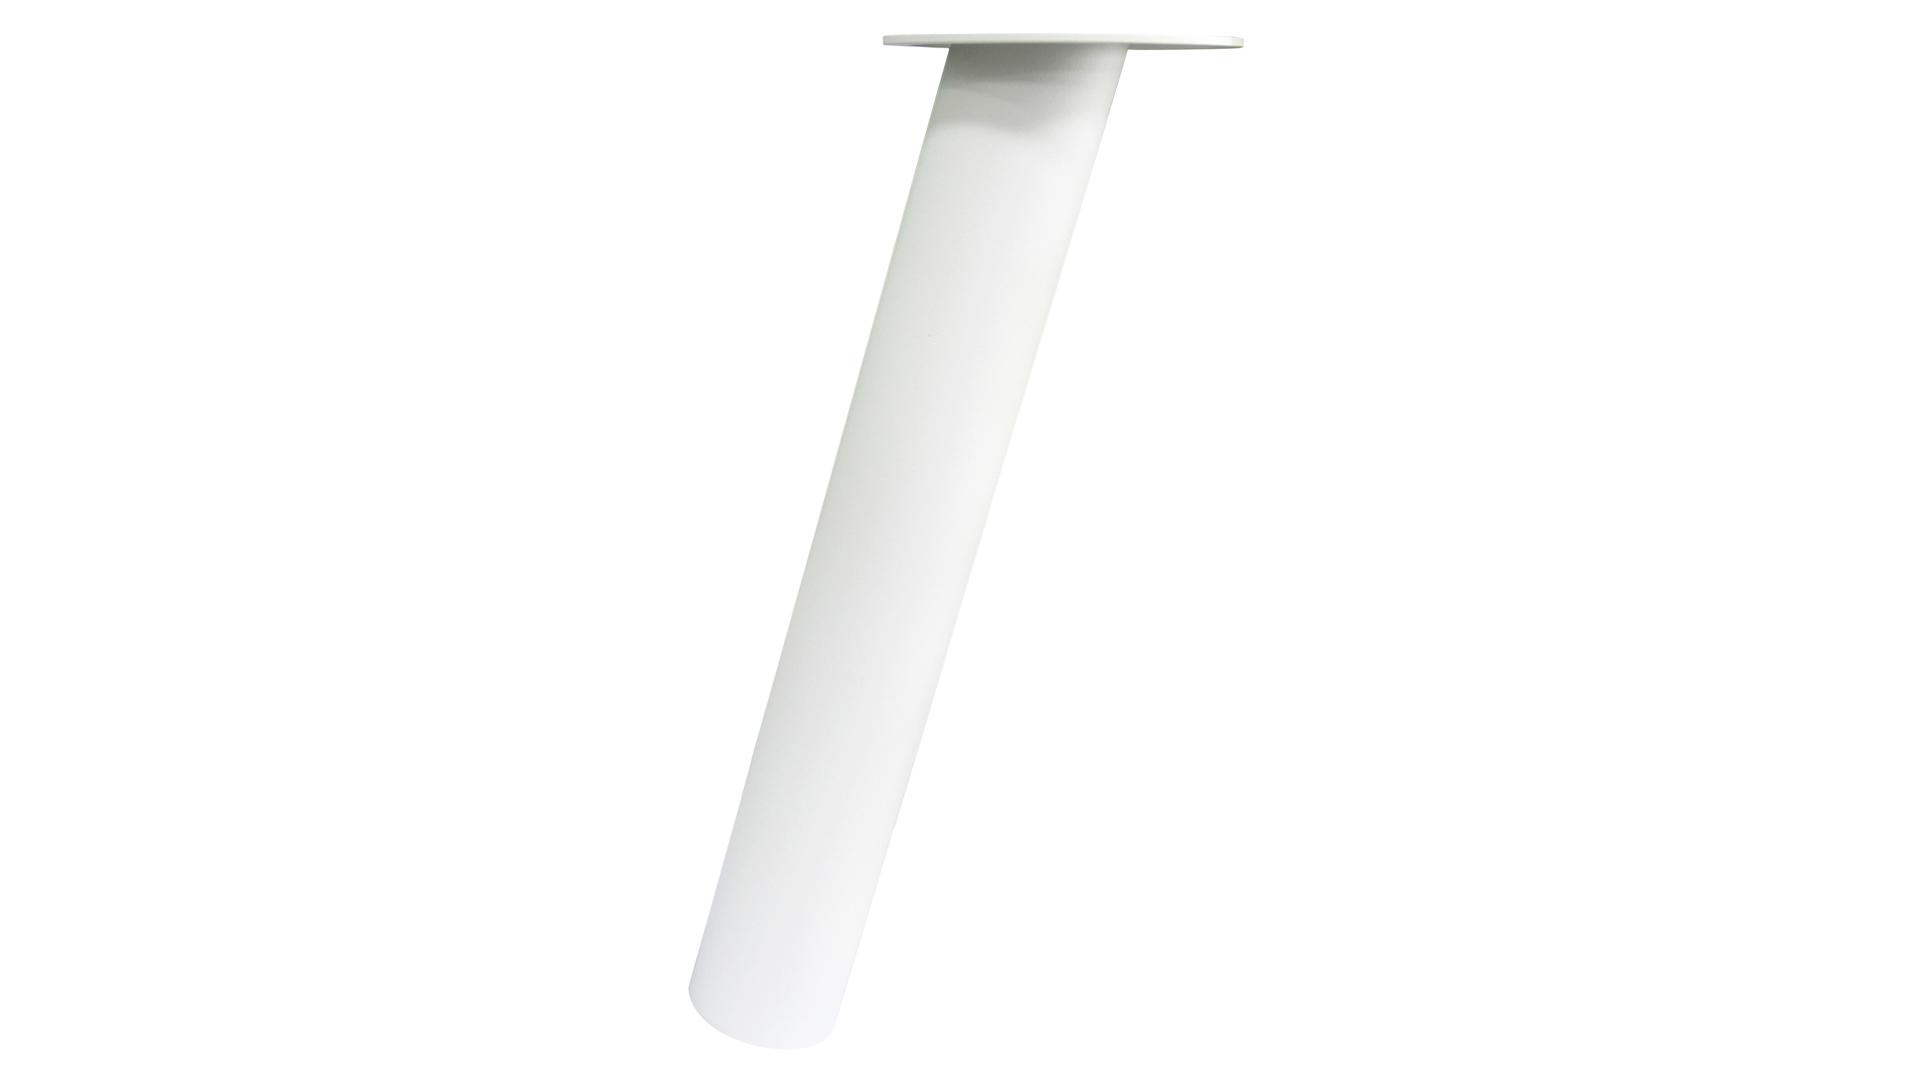 Fontana-White_1920x1080[1]